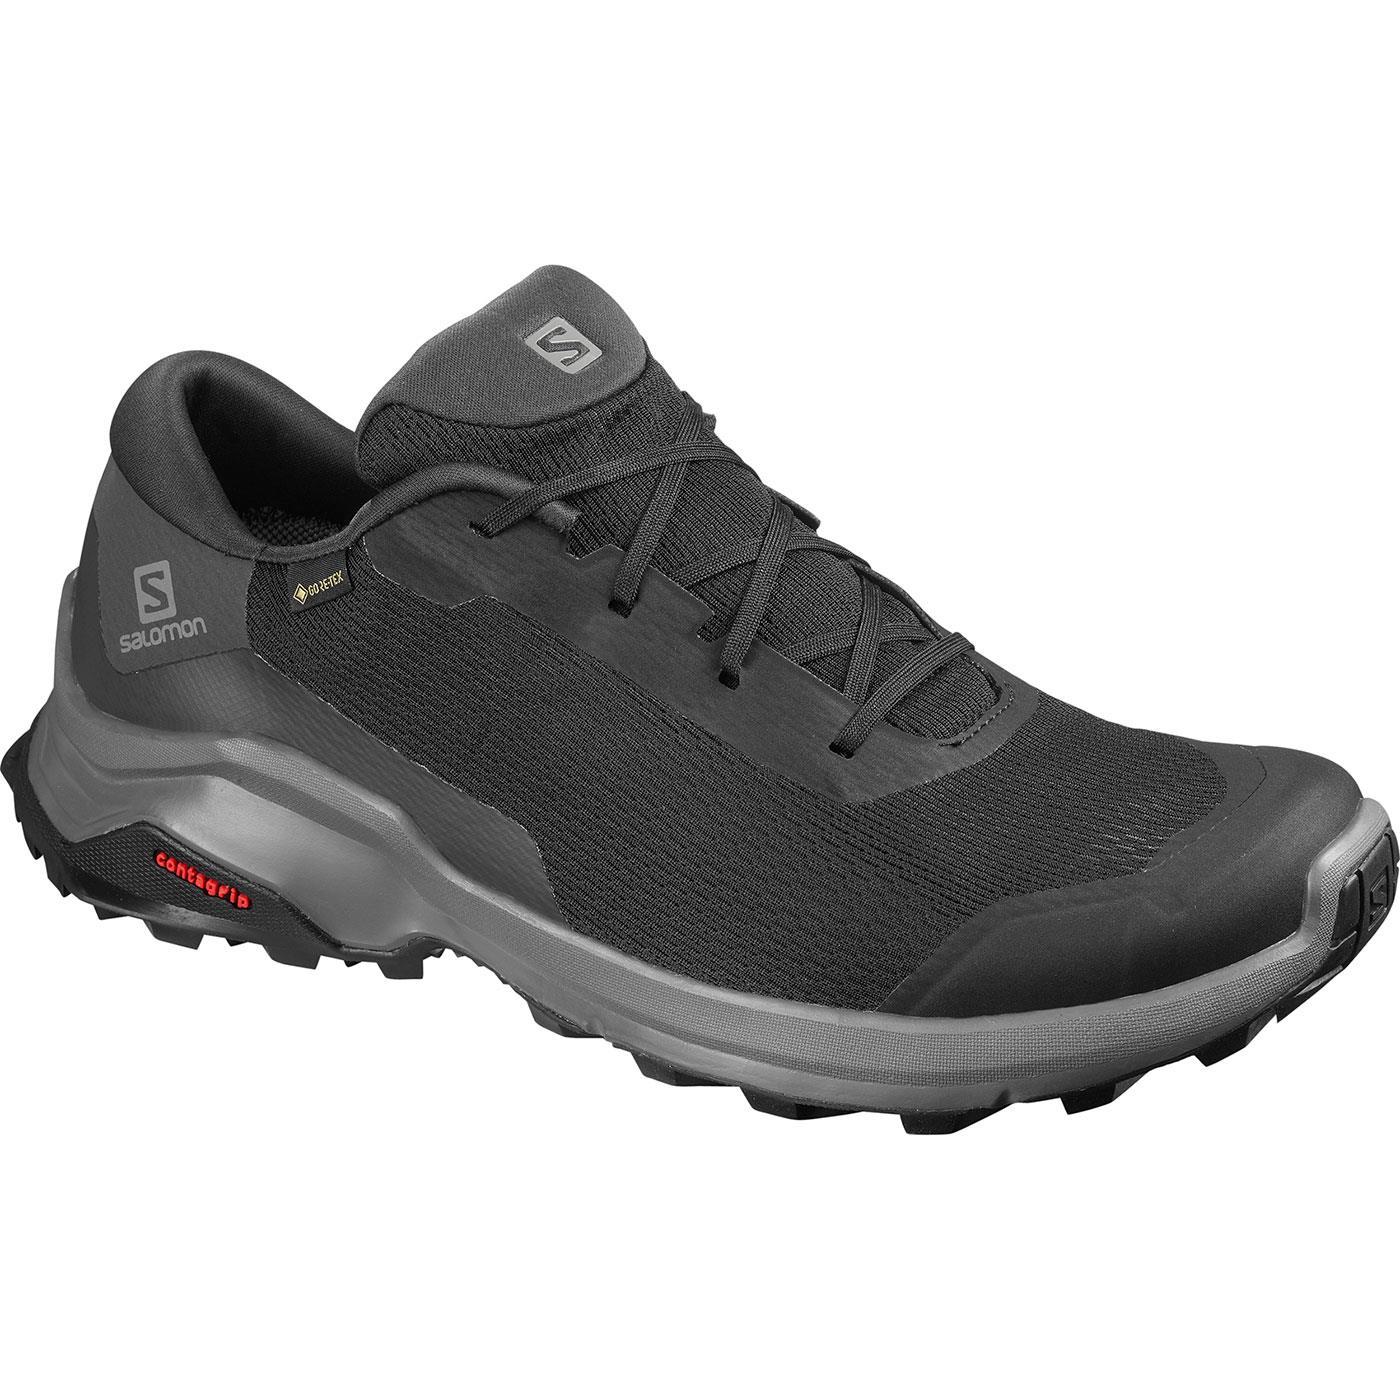 Salomon X REVEAL GTX Erkek Ayakkabısı L40969100